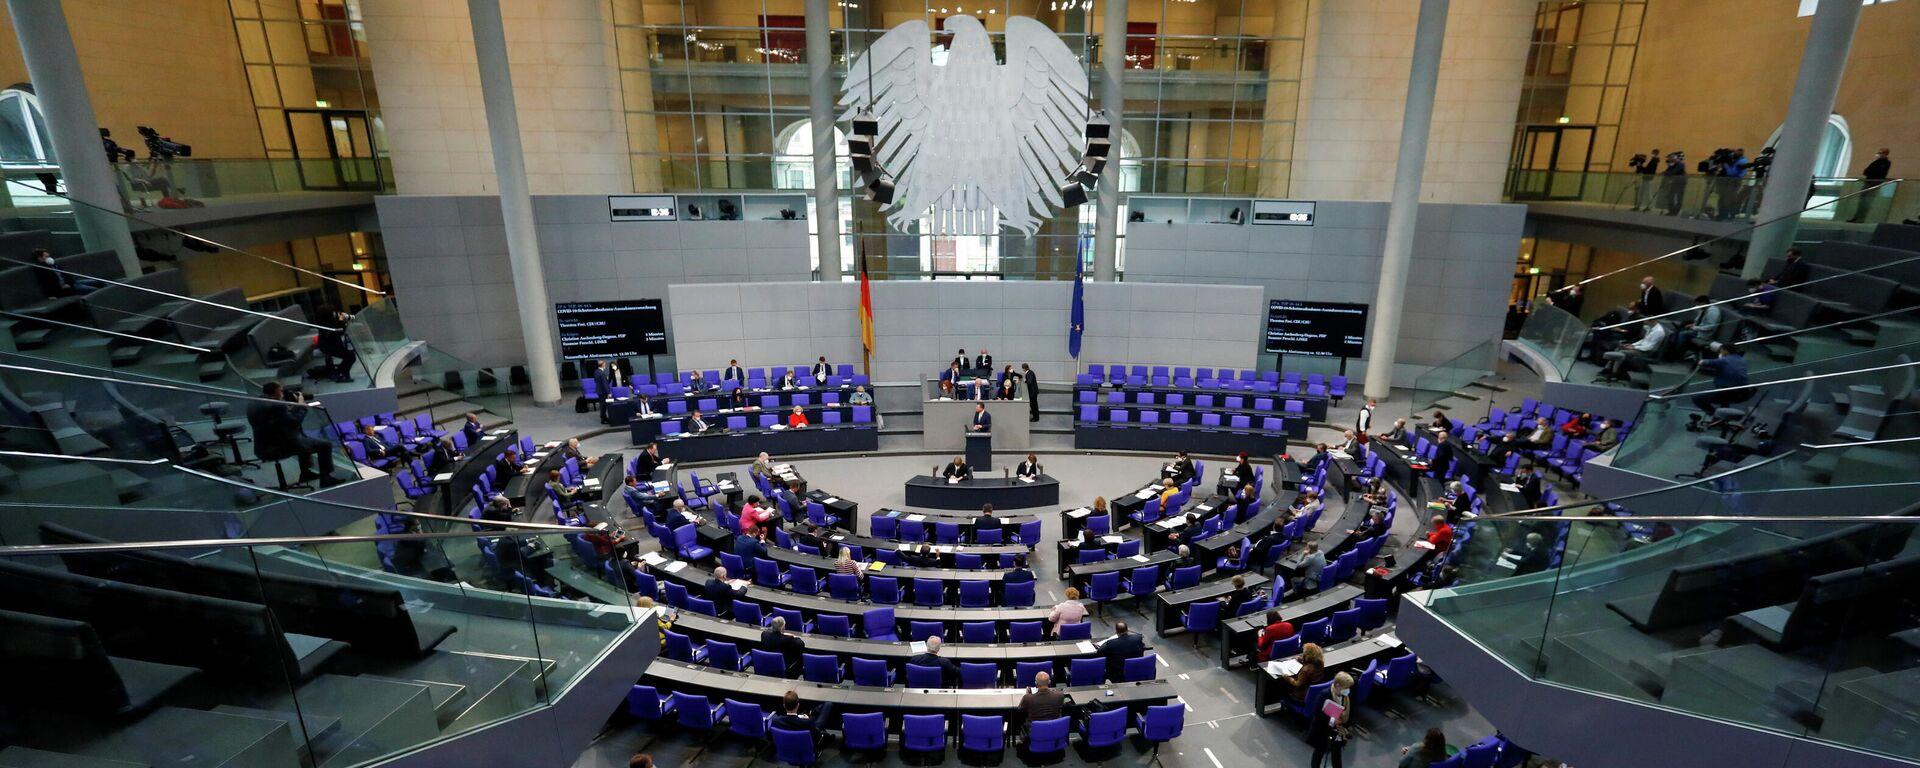 Eine Bundestagssitzung zu Corona-Pandemie, den 6. Mai 2021. - SNA, 1920, 24.06.2021